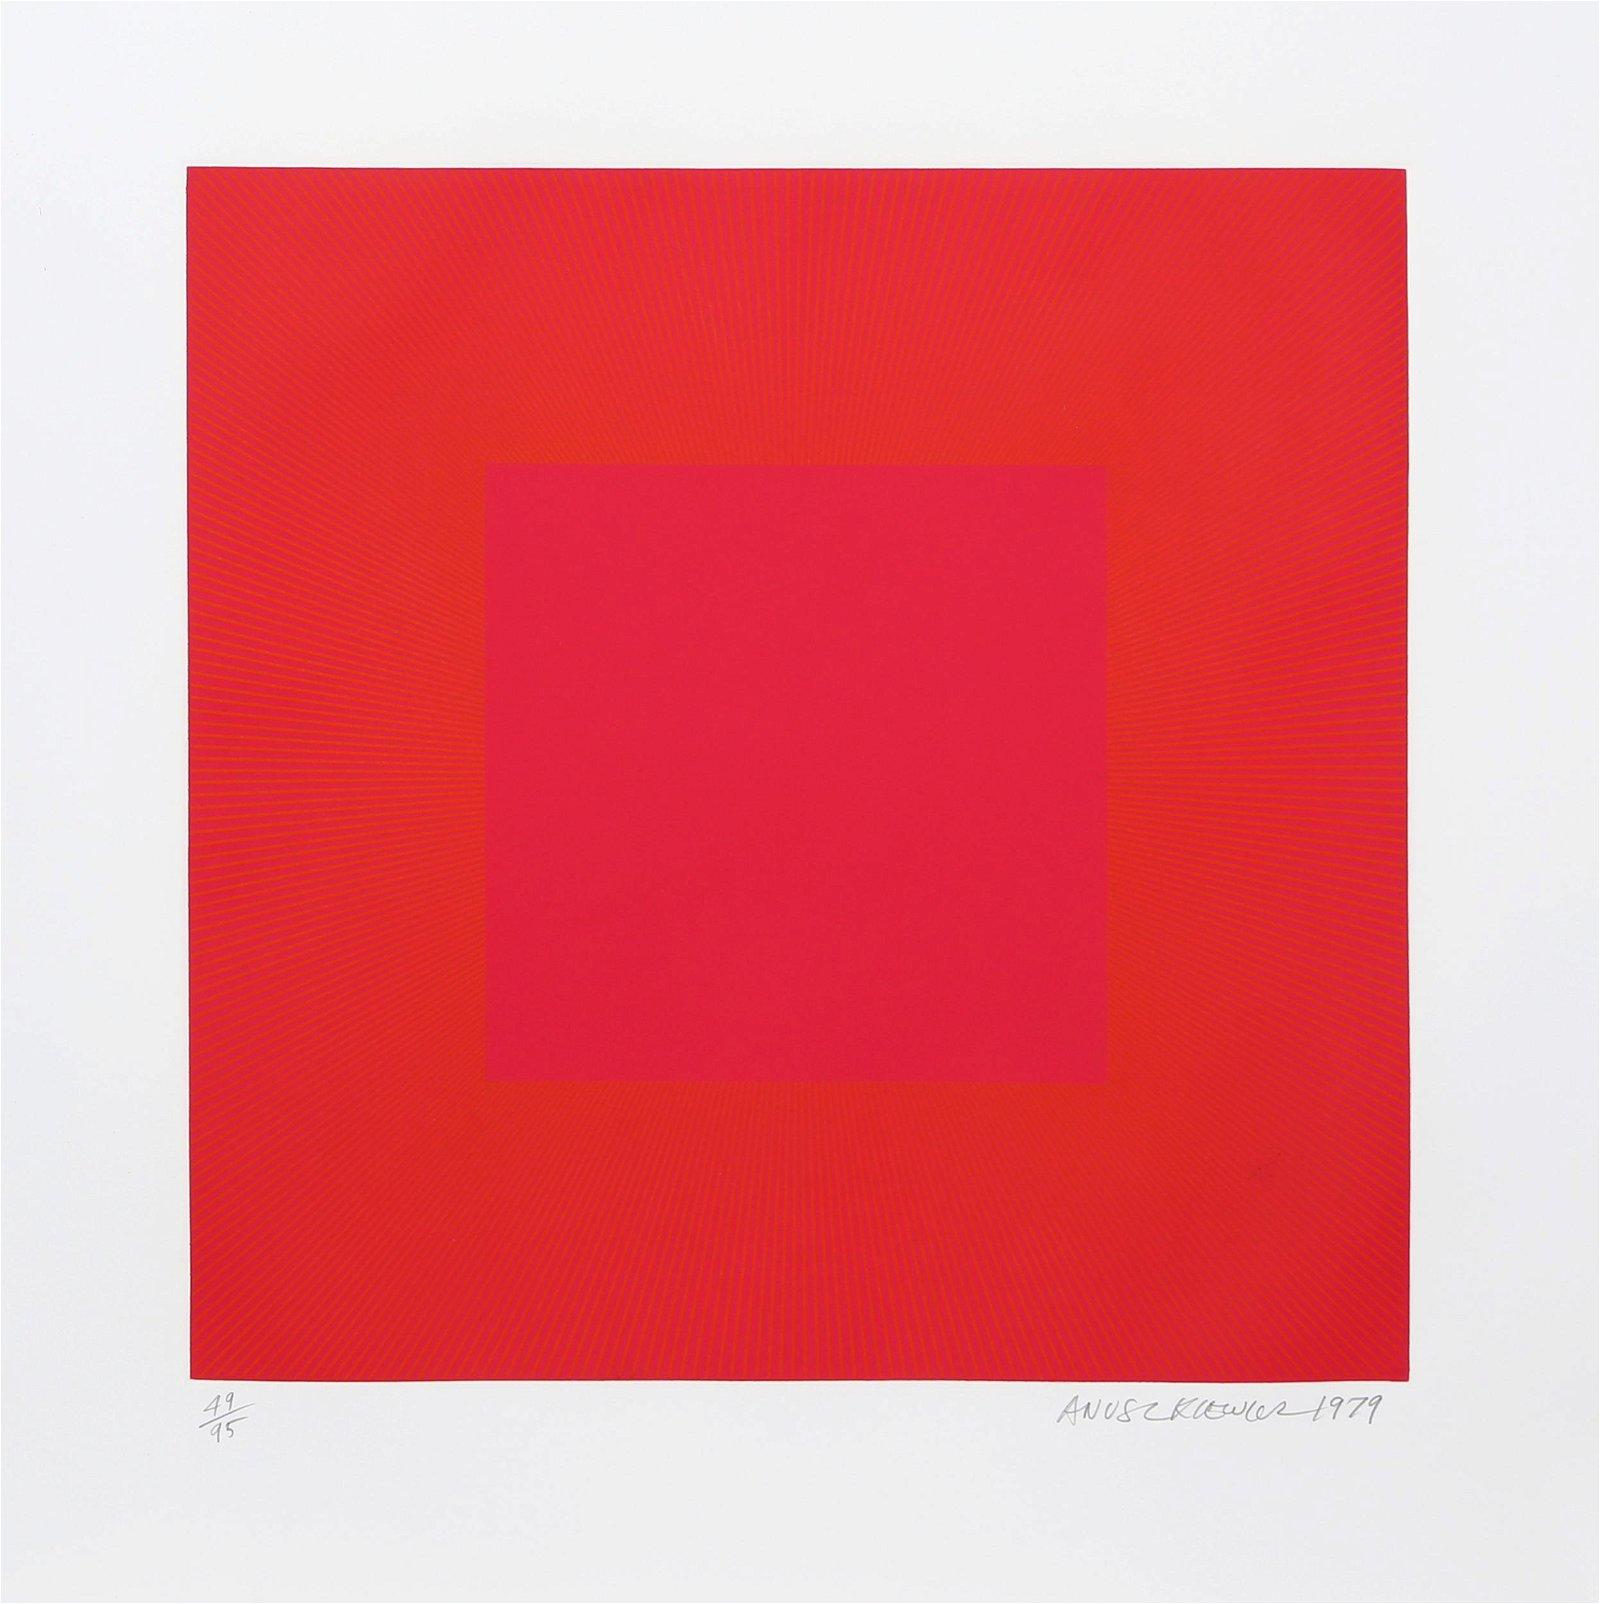 Richard Anuszkiewicz, Red with Gold IV, Intaglio